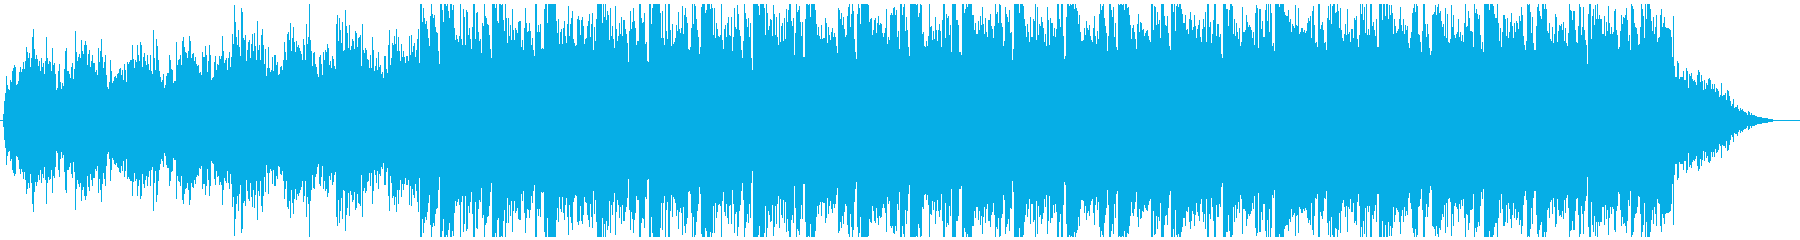 壮大な戦闘BGMの再生済みの波形